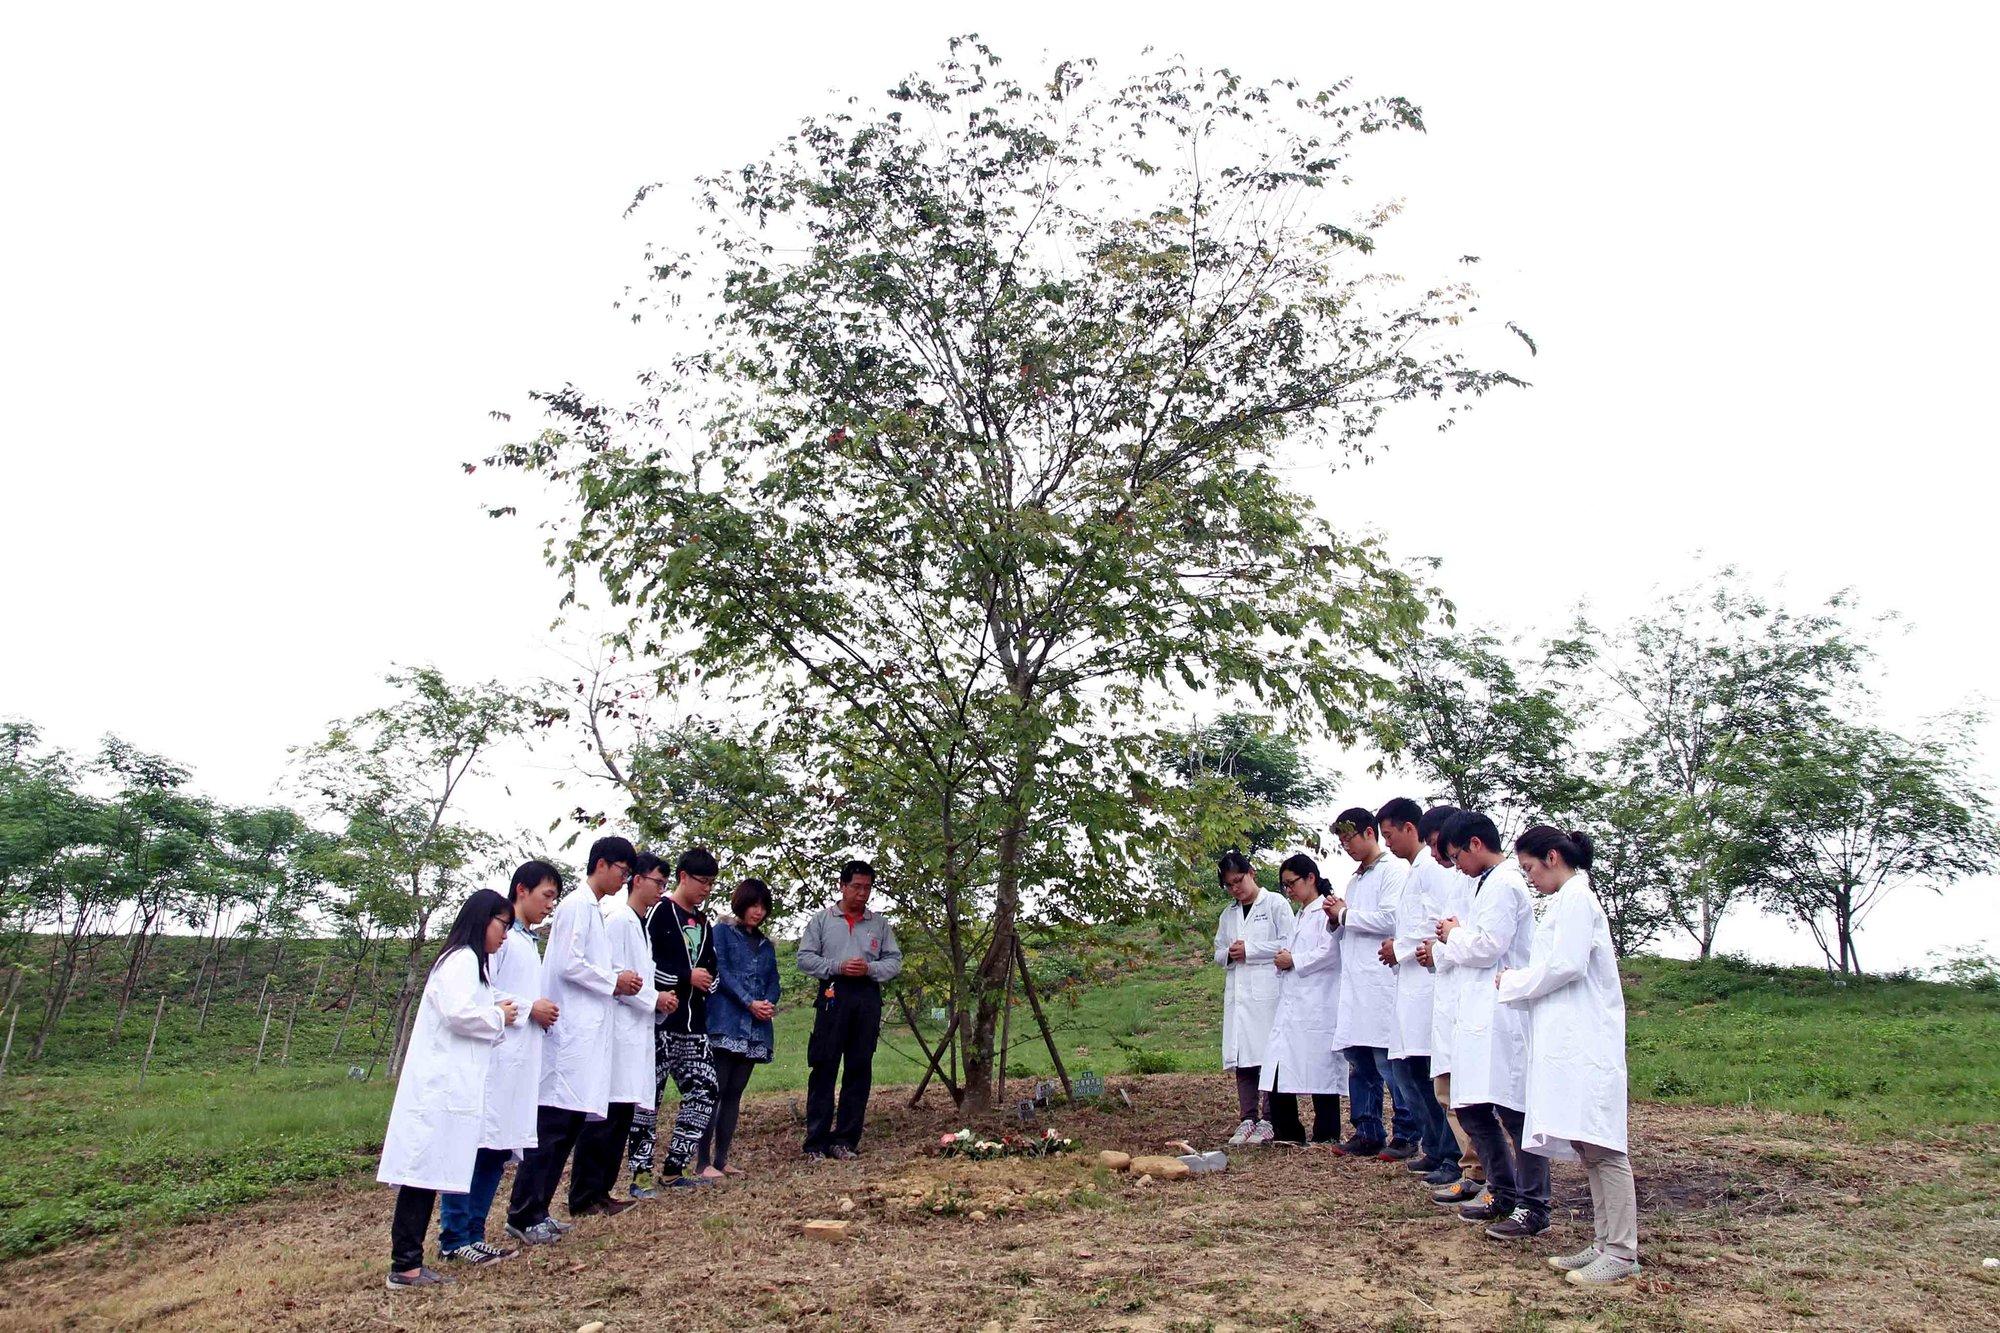 辅仁大学医学系的学生和林先生一家一起埋葬林太太。